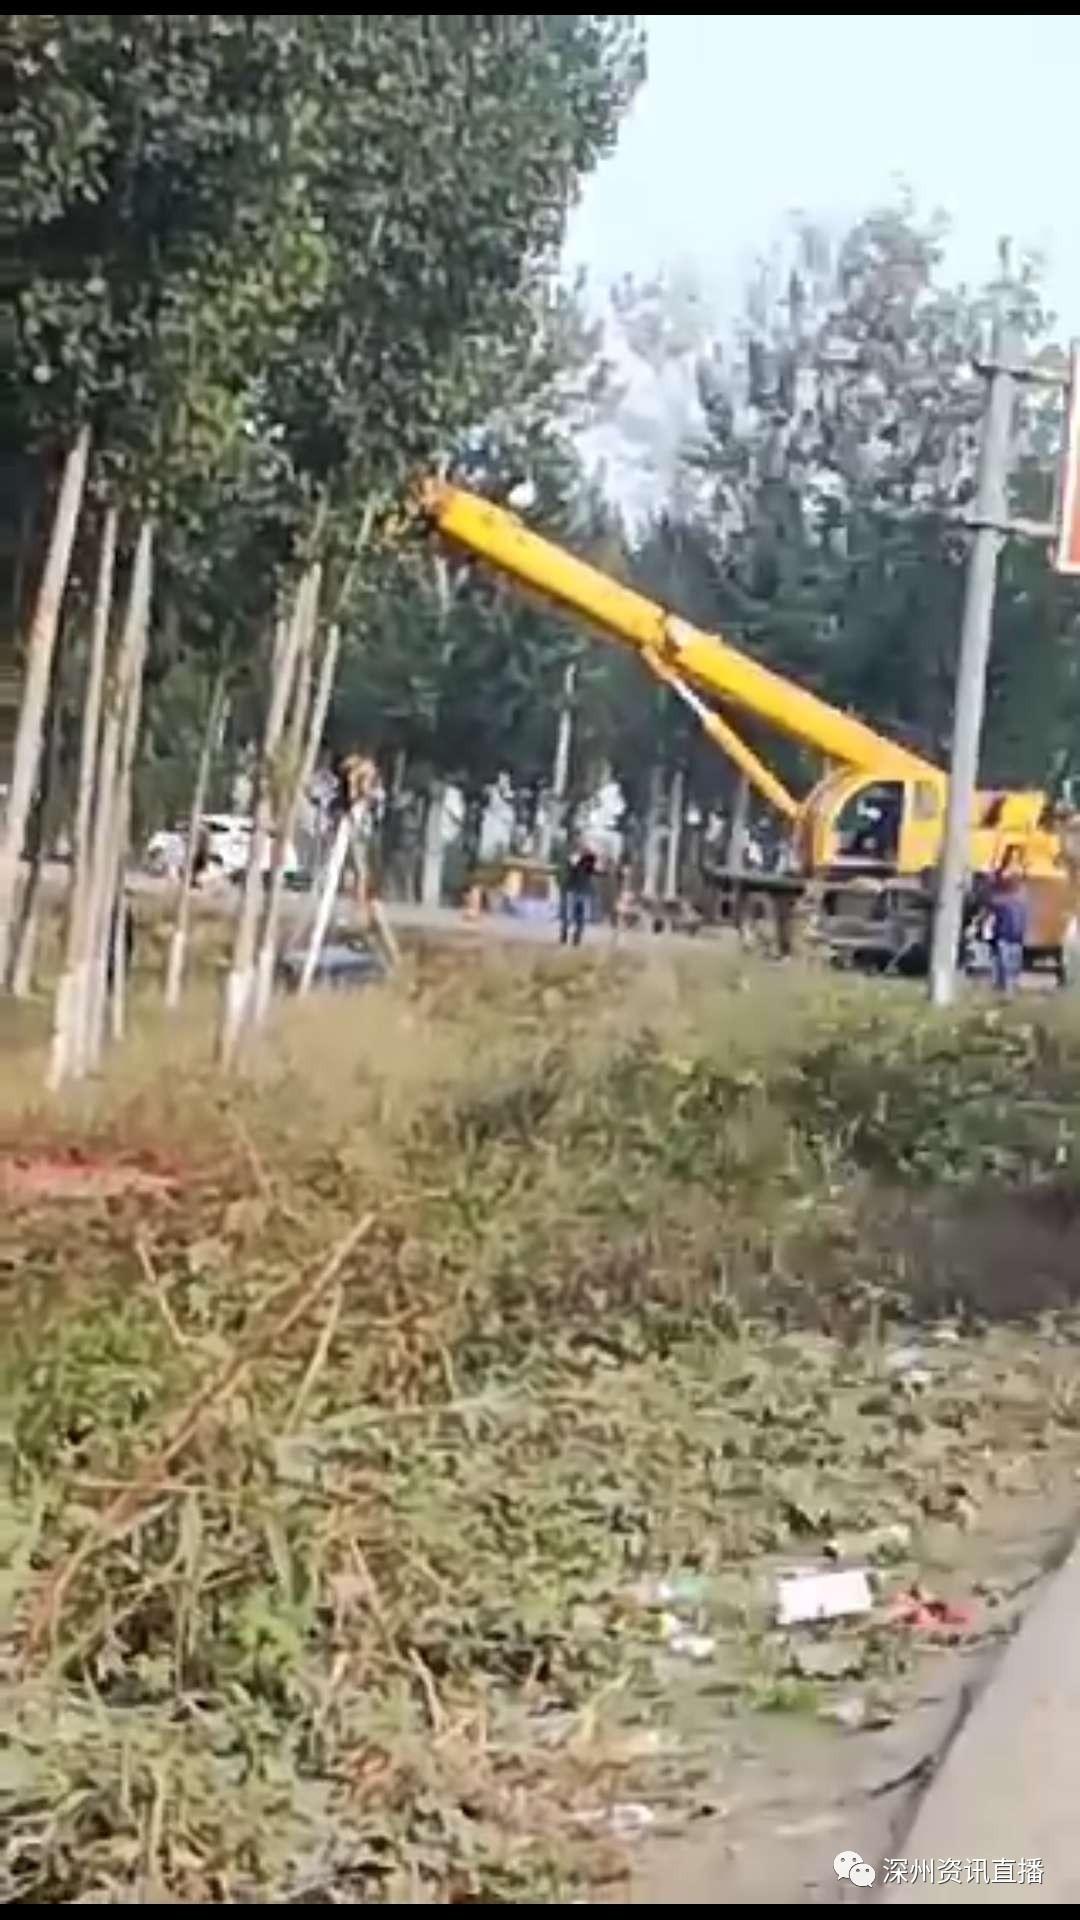 【深州资讯】肃衡路大广连接线路口发生一起车祸